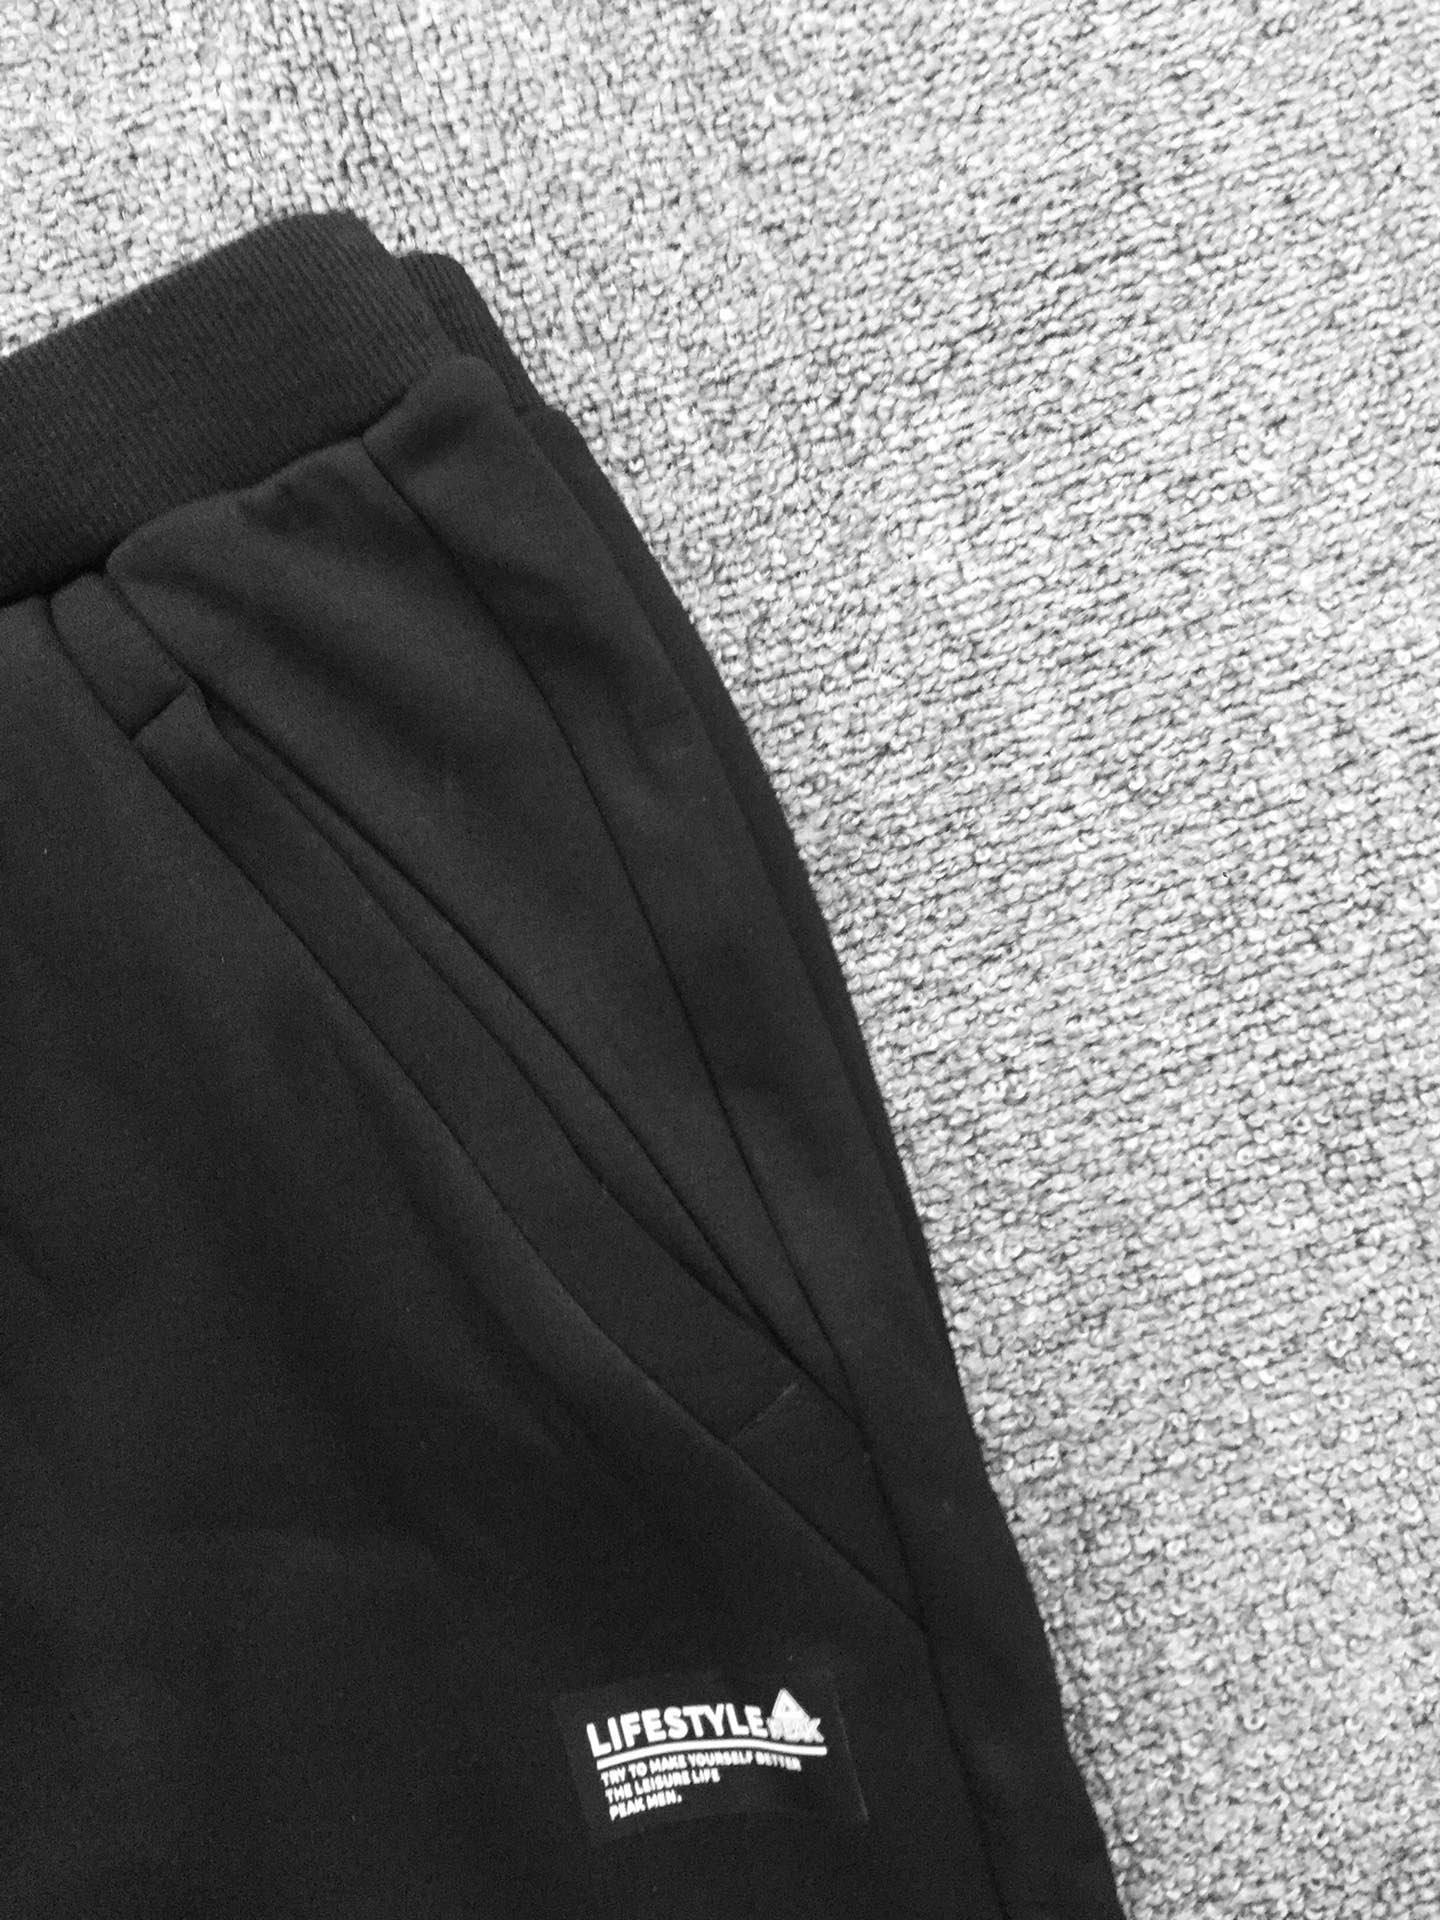 2019新匹克全男高弹力水貂绒针织长裤1包50件,单款黑色